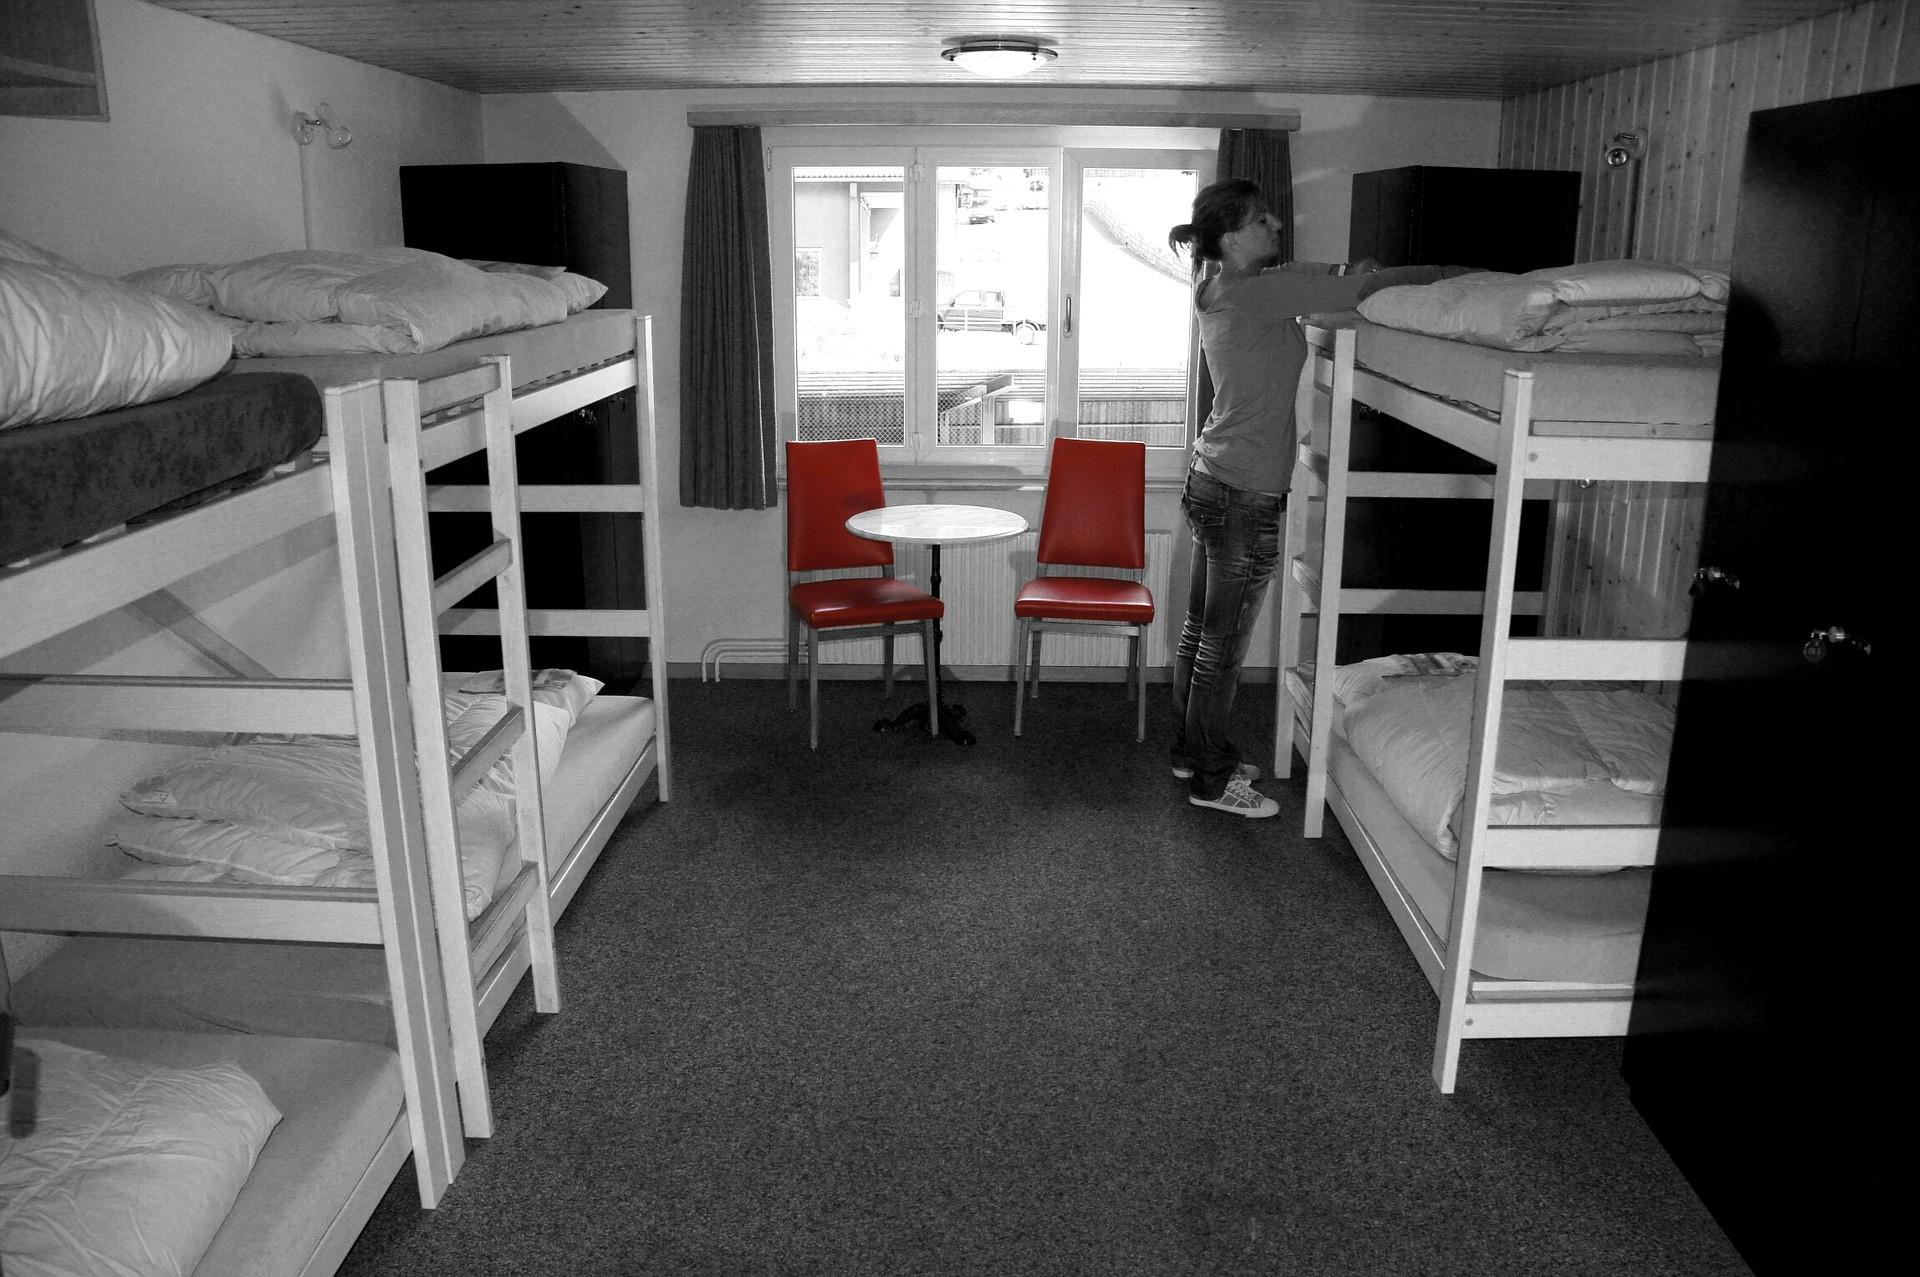 ▲宿舍。(圖/取自免費圖庫pixabay)